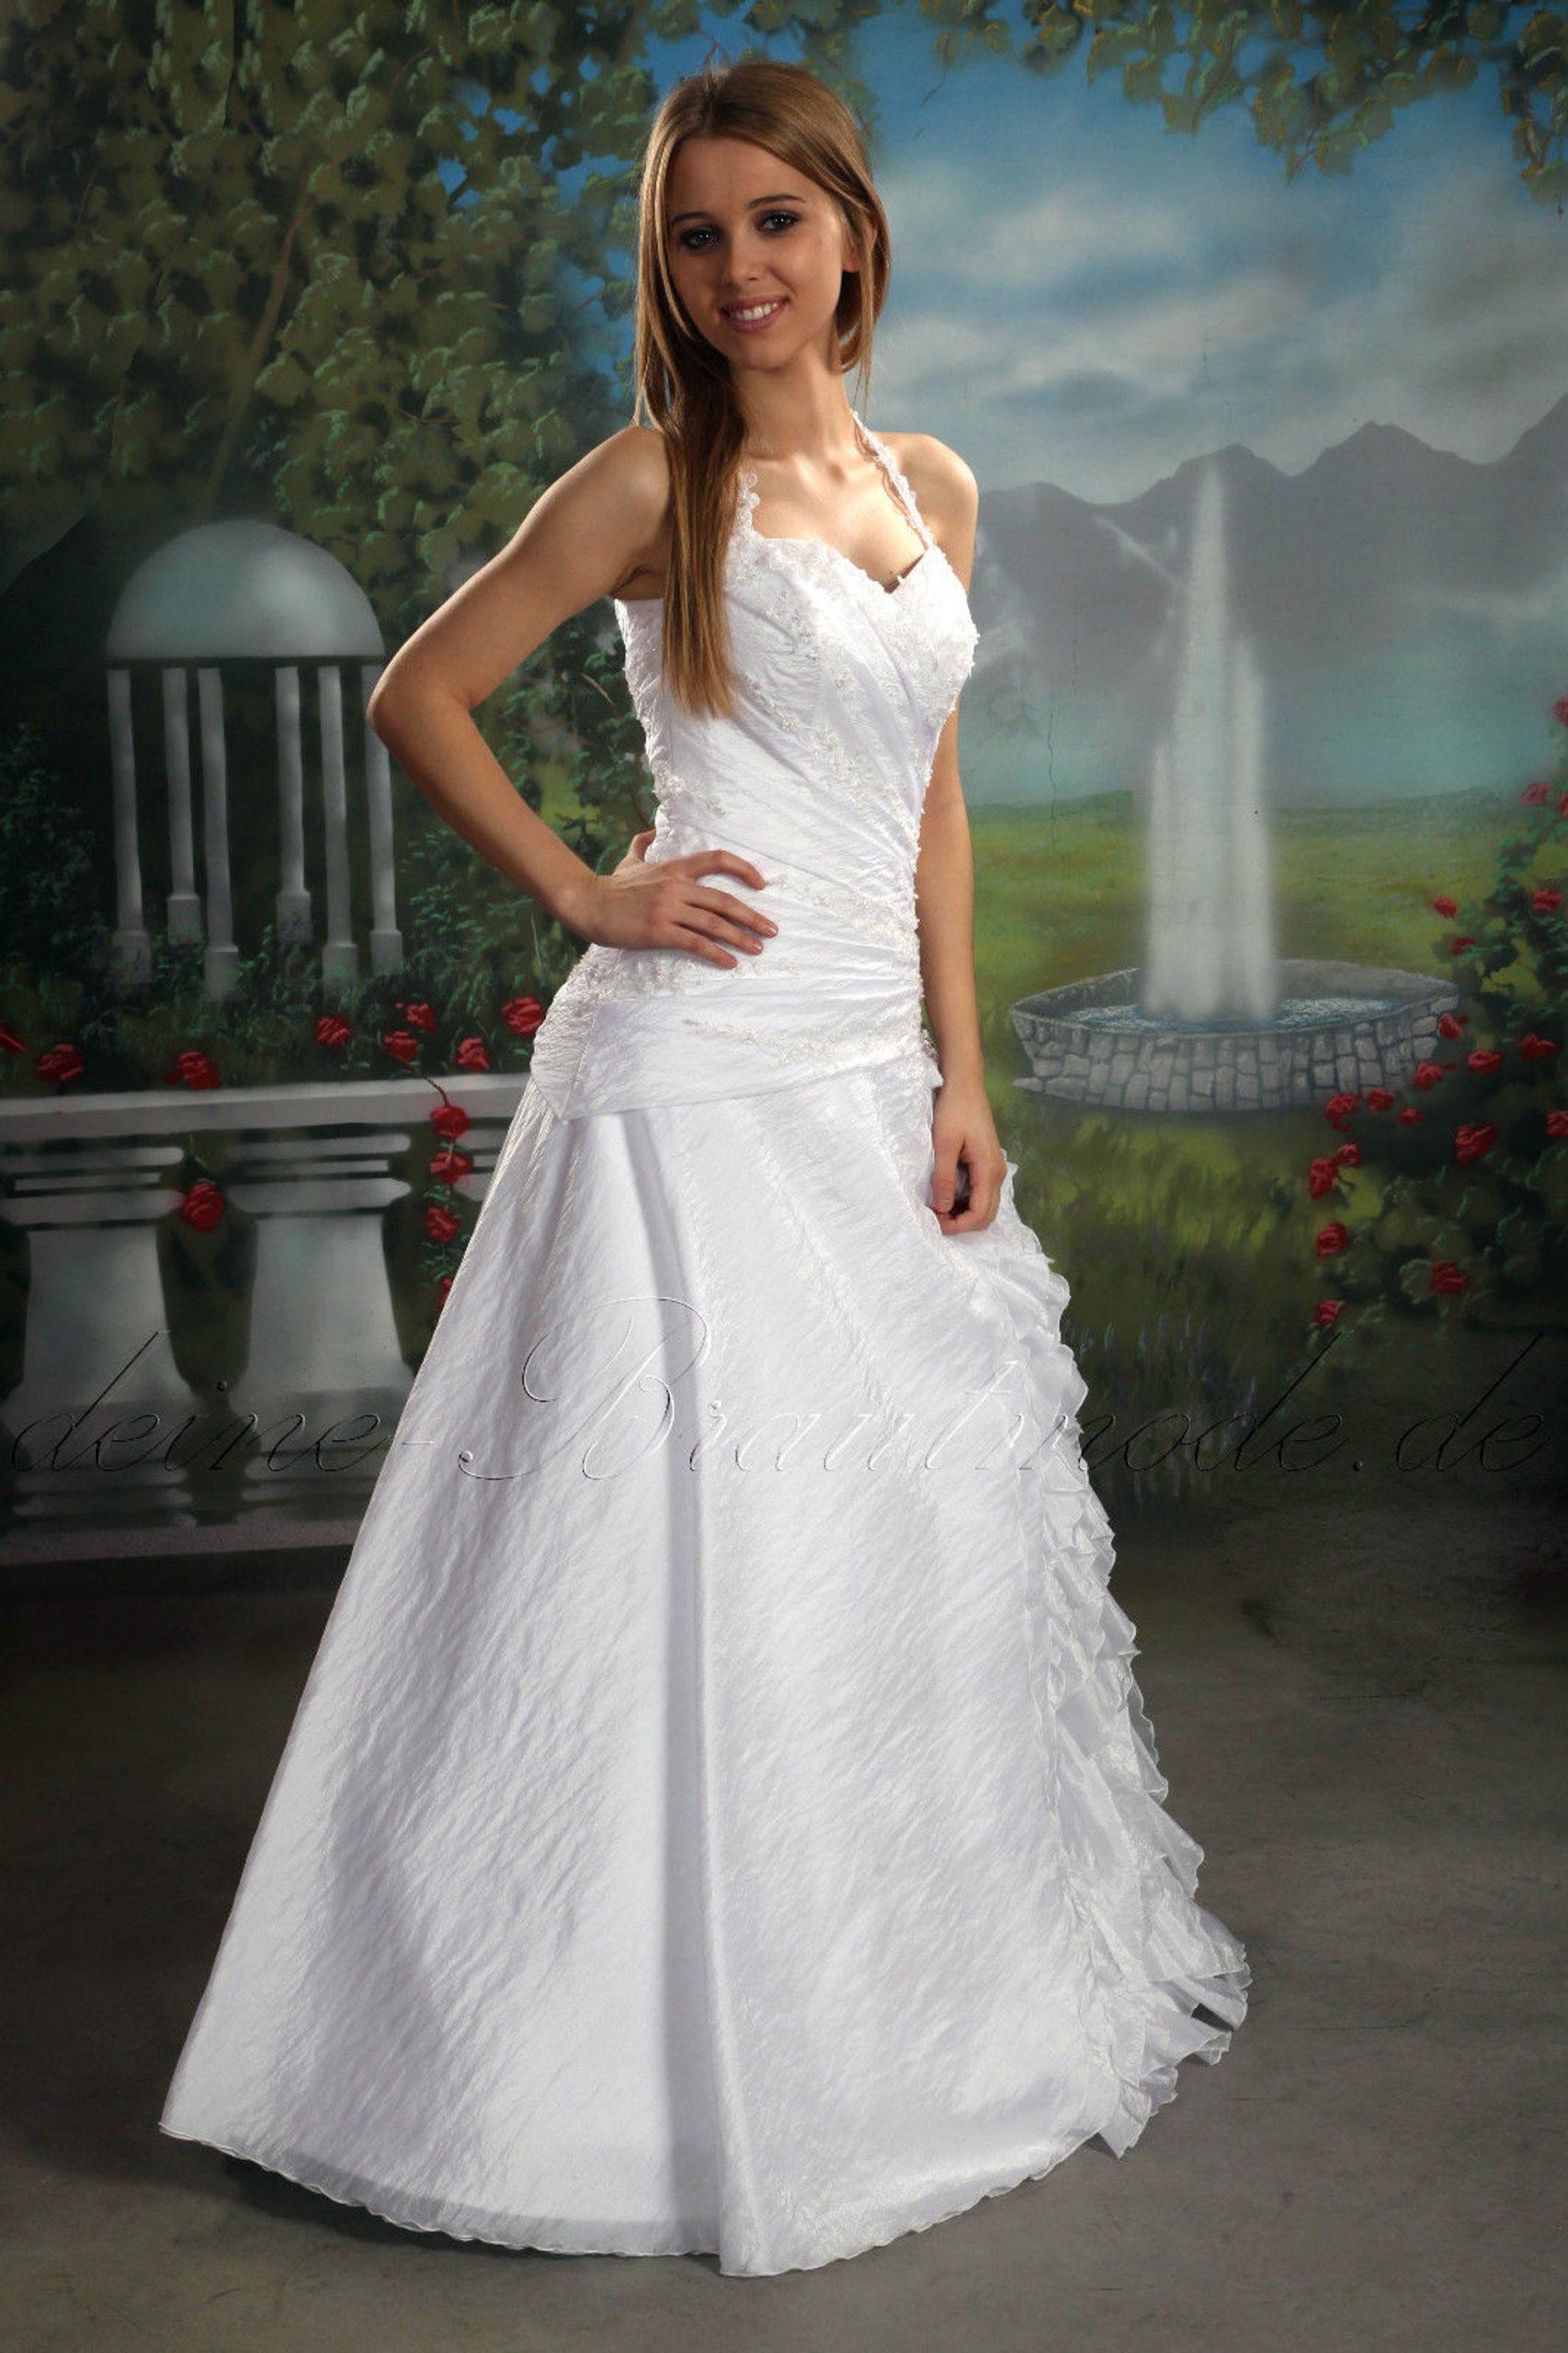 Hochzeitskleid Brautkleid Neckholder Kleid Ballkleid